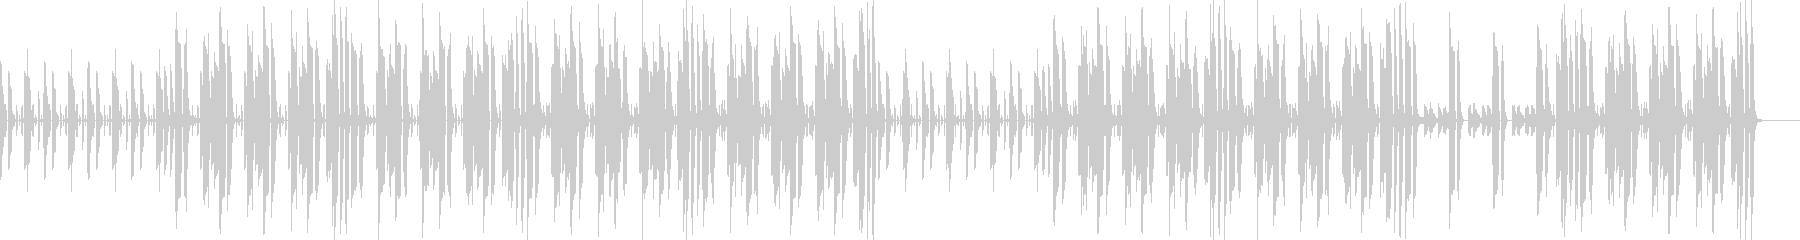 シンプルな構成で説明シーンに最適な曲の未再生の波形